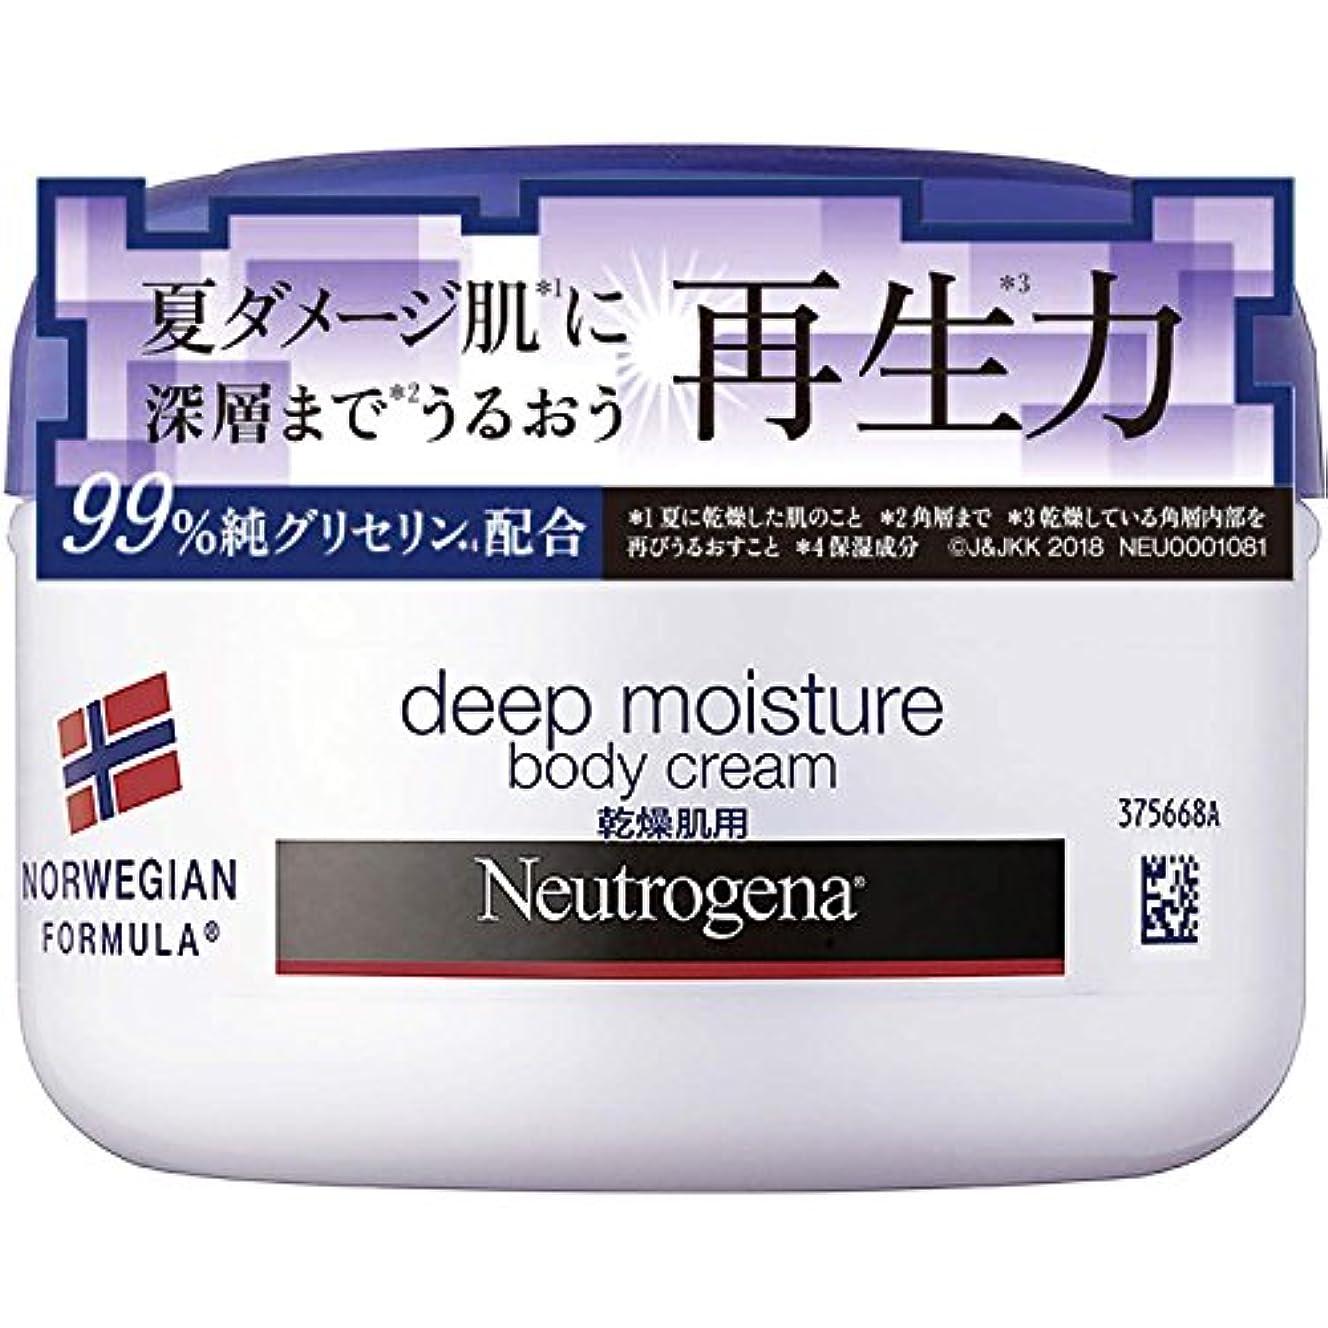 セブンチャールズキージング今Neutrogena(ニュートロジーナ) ノルウェーフォーミュラ ディープモイスチャー ボディクリーム 乾燥肌用 微香性 200ml